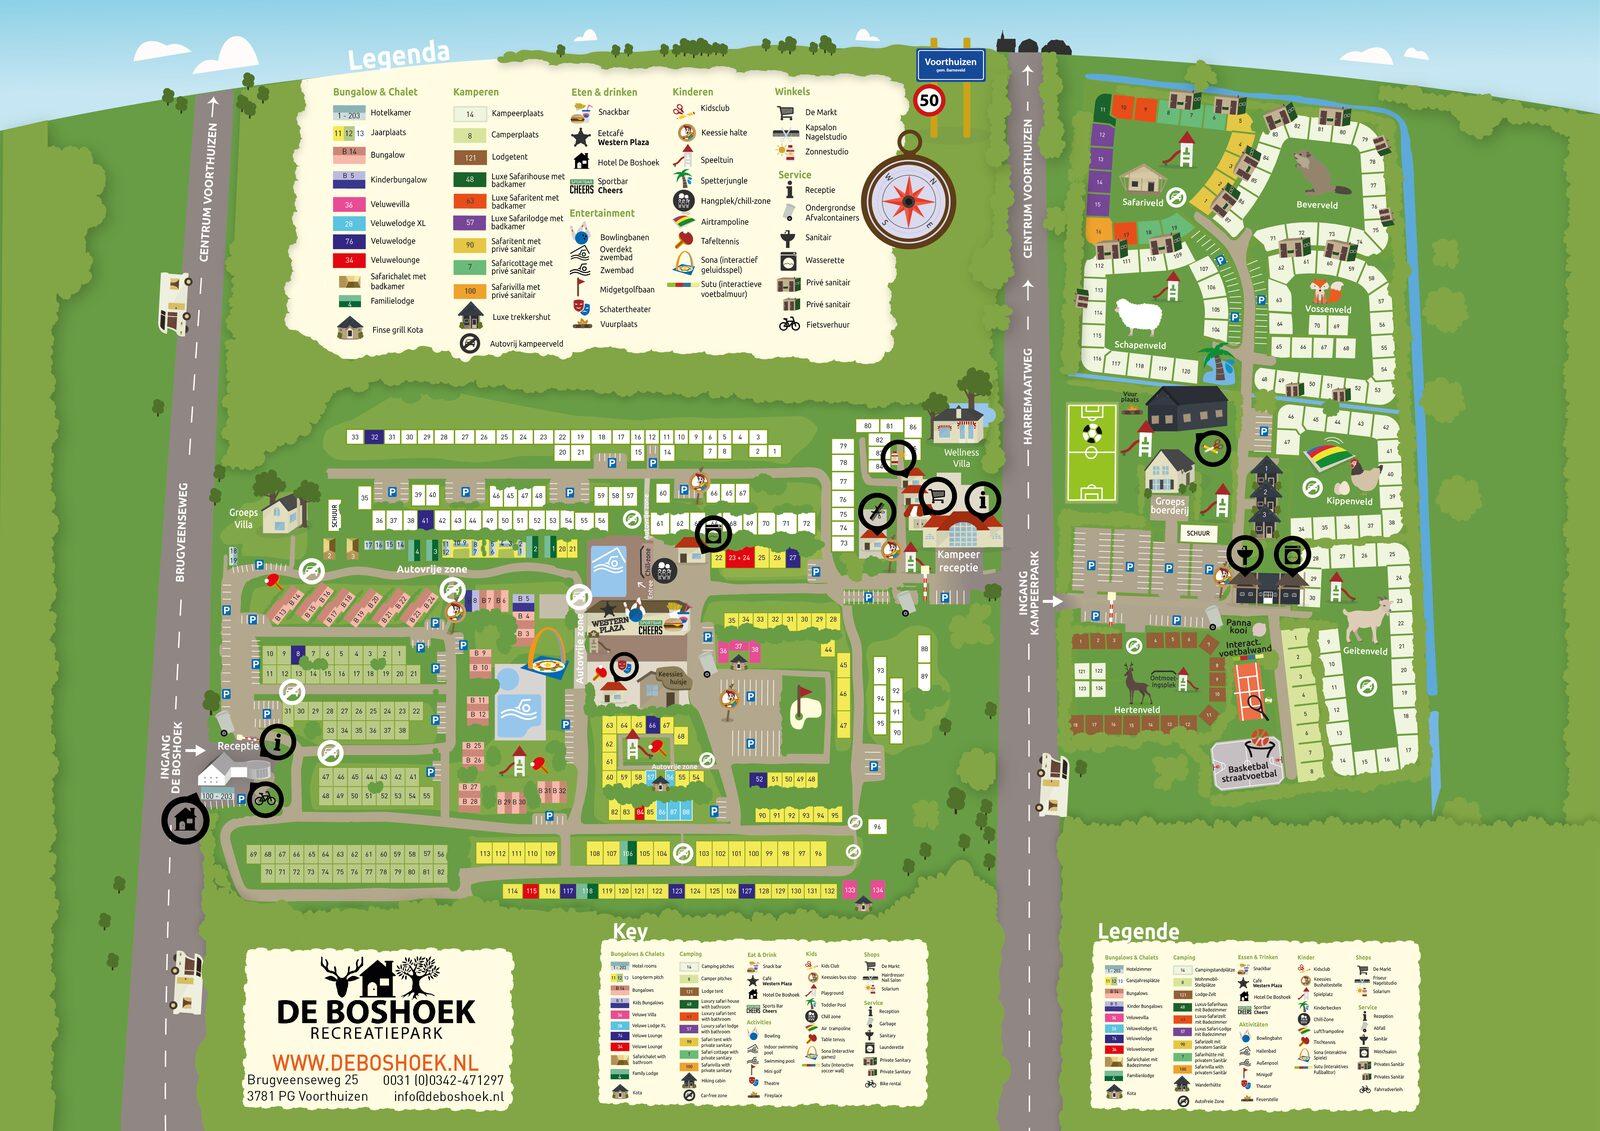 Map of Recreation Park De Boshoek on the Veluwe in Voorthuizen